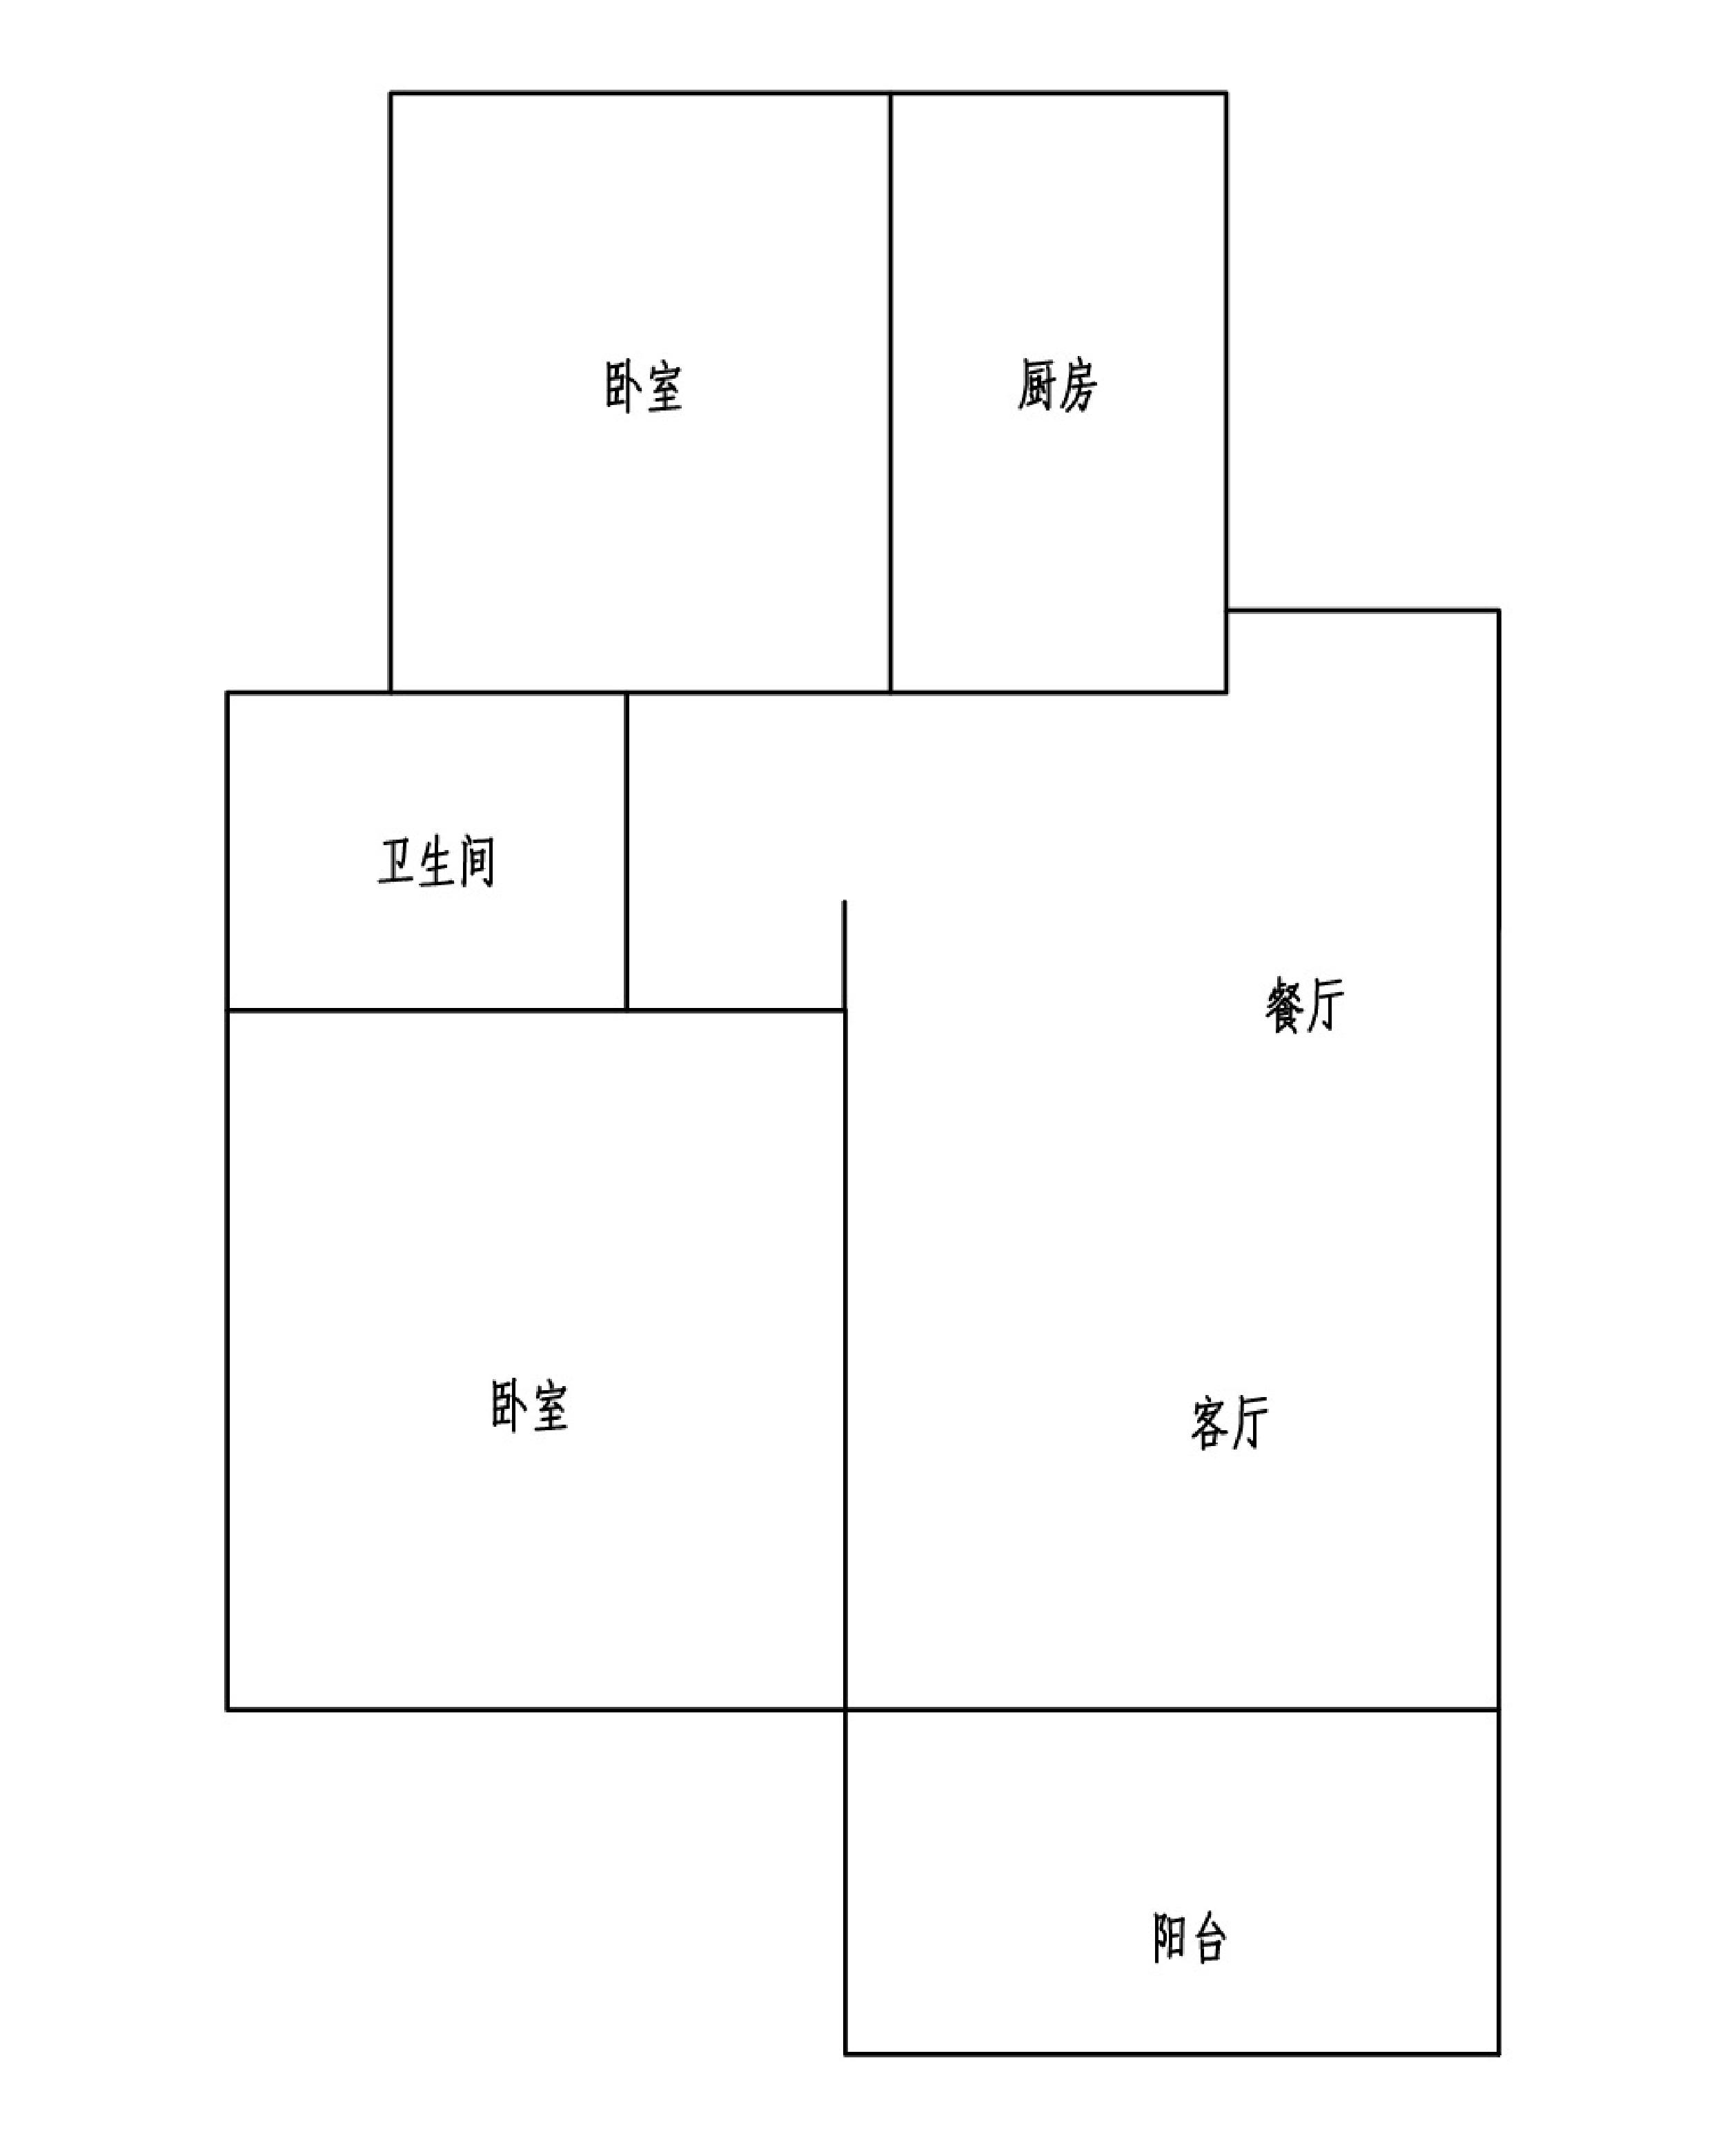 acf696a9f5b14545acb4dda59df39390.jpg